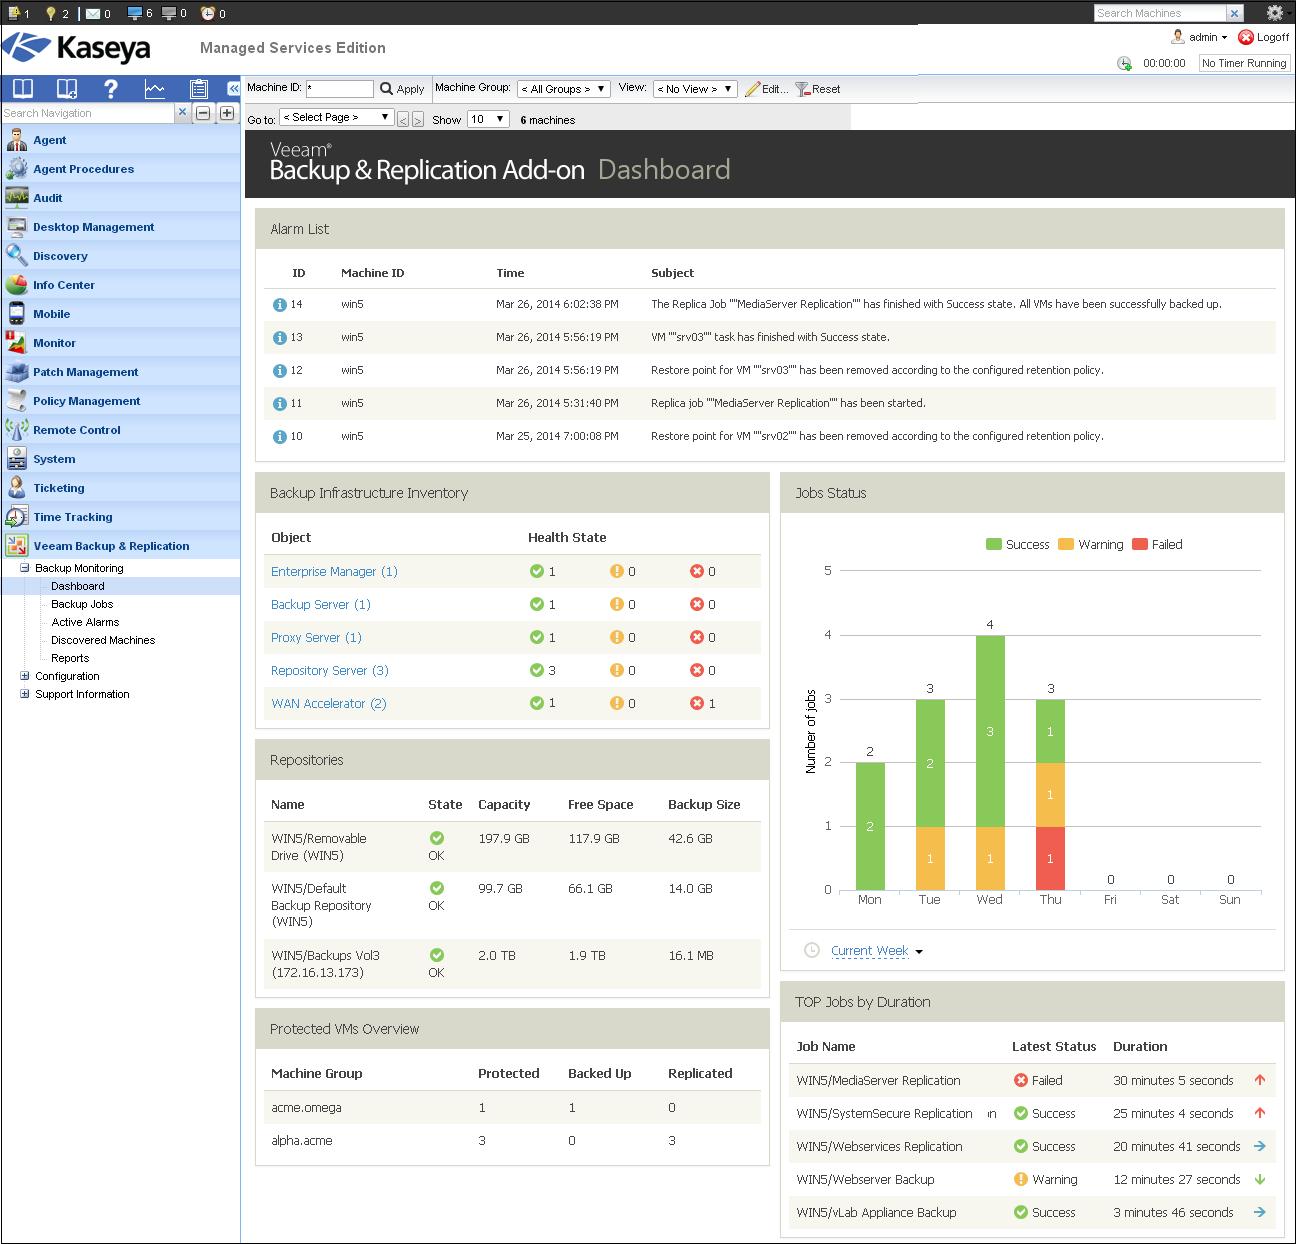 Рис. 3 Используйте Backup Monitoring Dashboard для мониторинга ключевых показателей защиты данных.